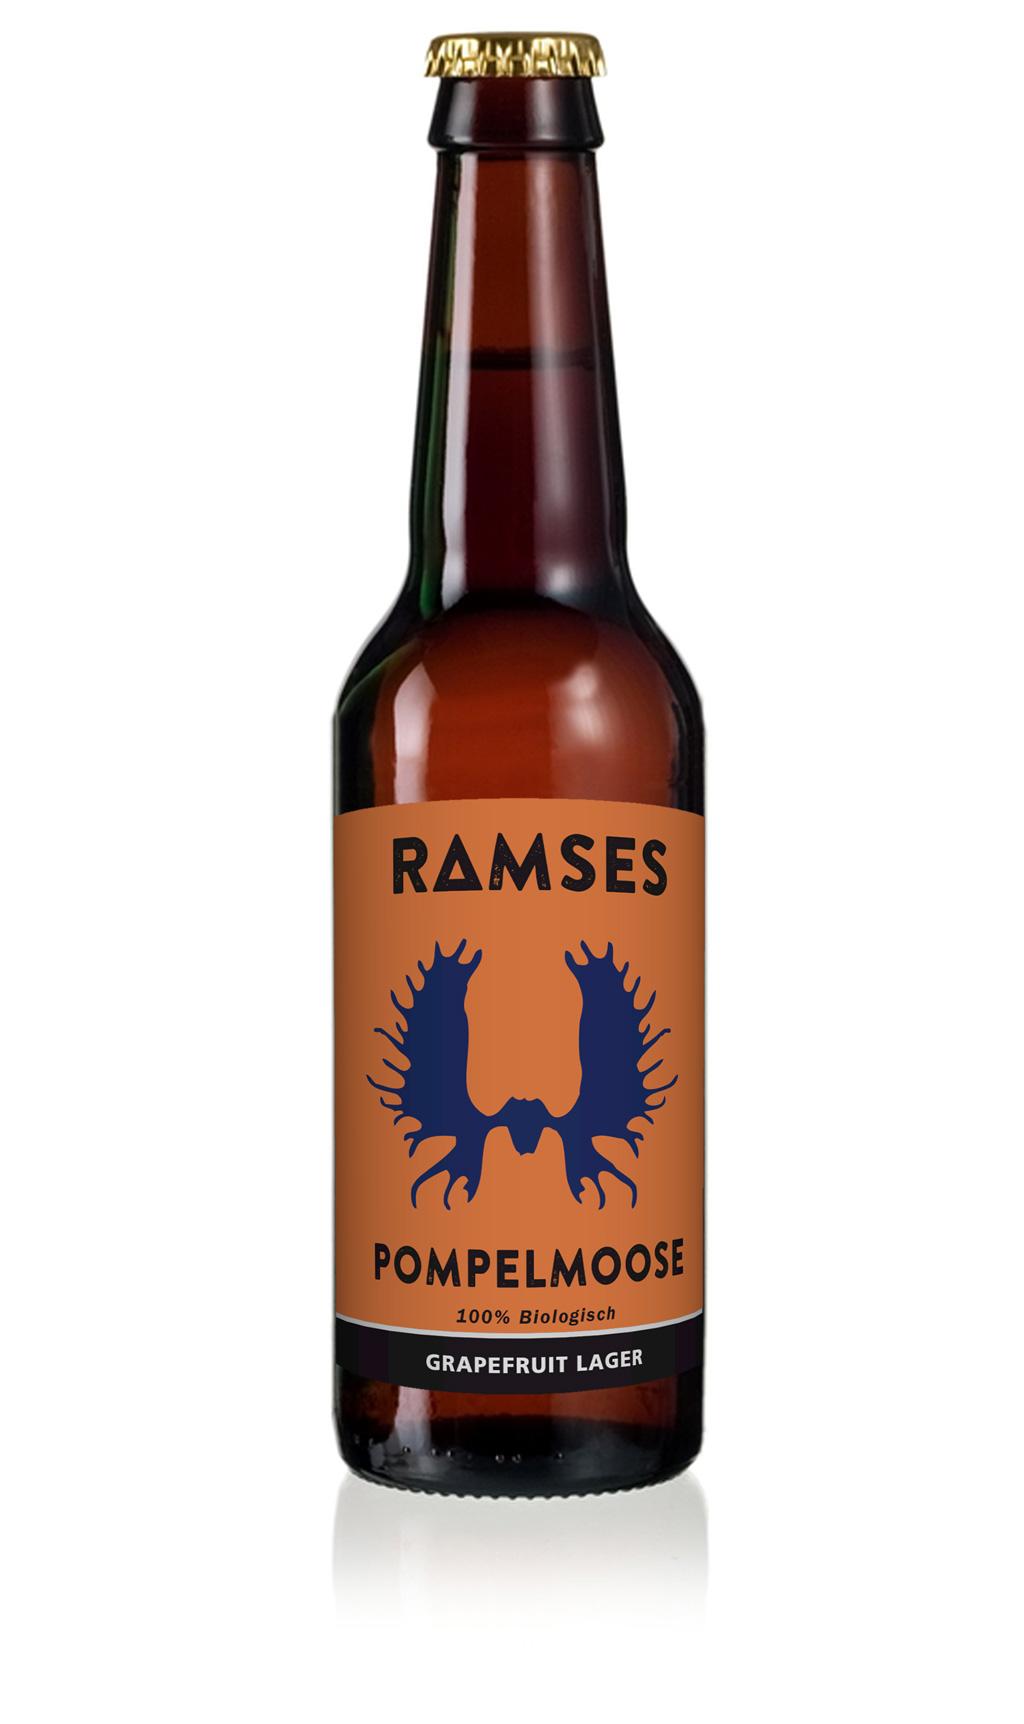 Pompelmoose